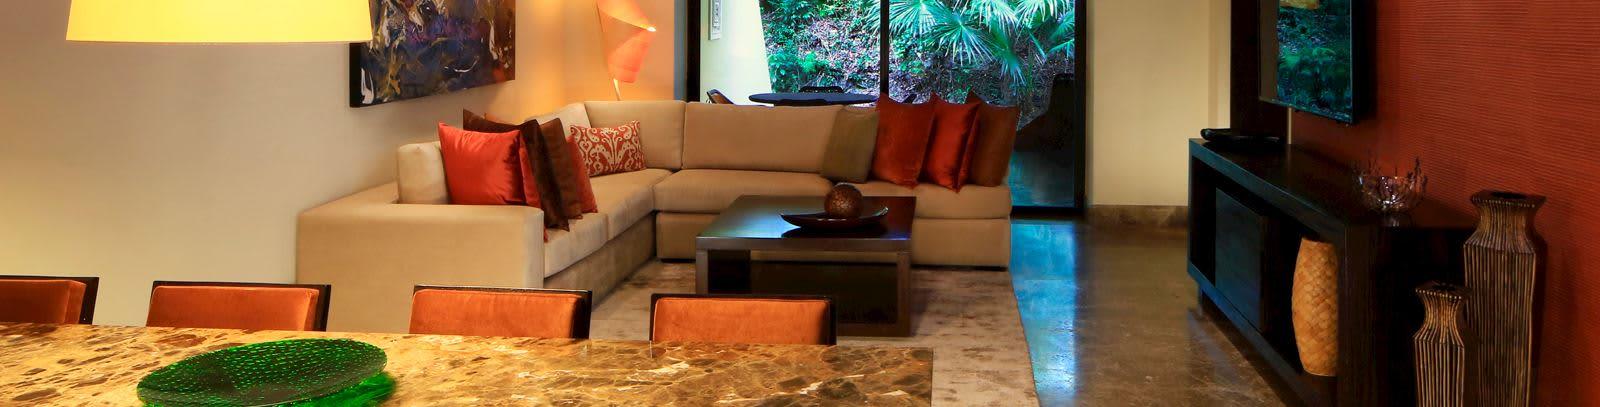 Suite Zen Grand Presidencial con Vista a la Naturaleza en Grand Velas Riviera Maya